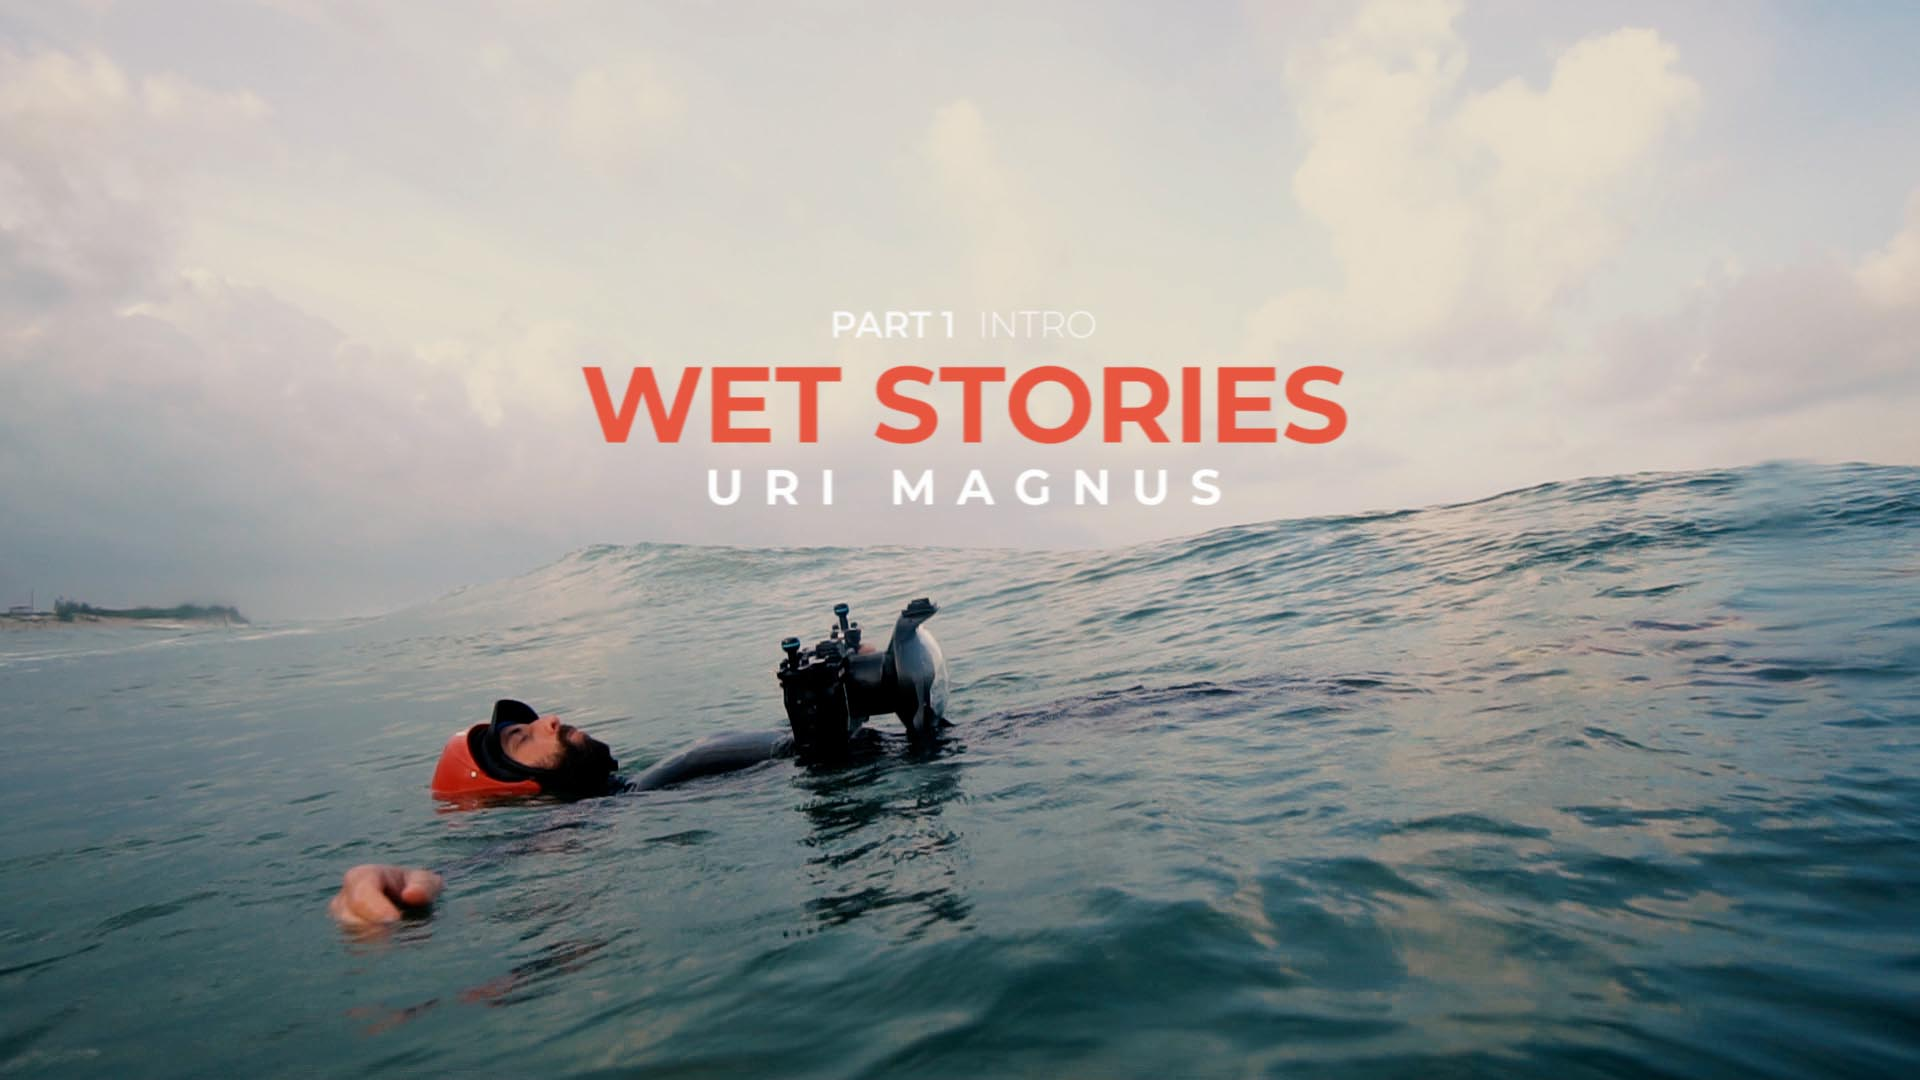 WET STORIES URI MAGNUS